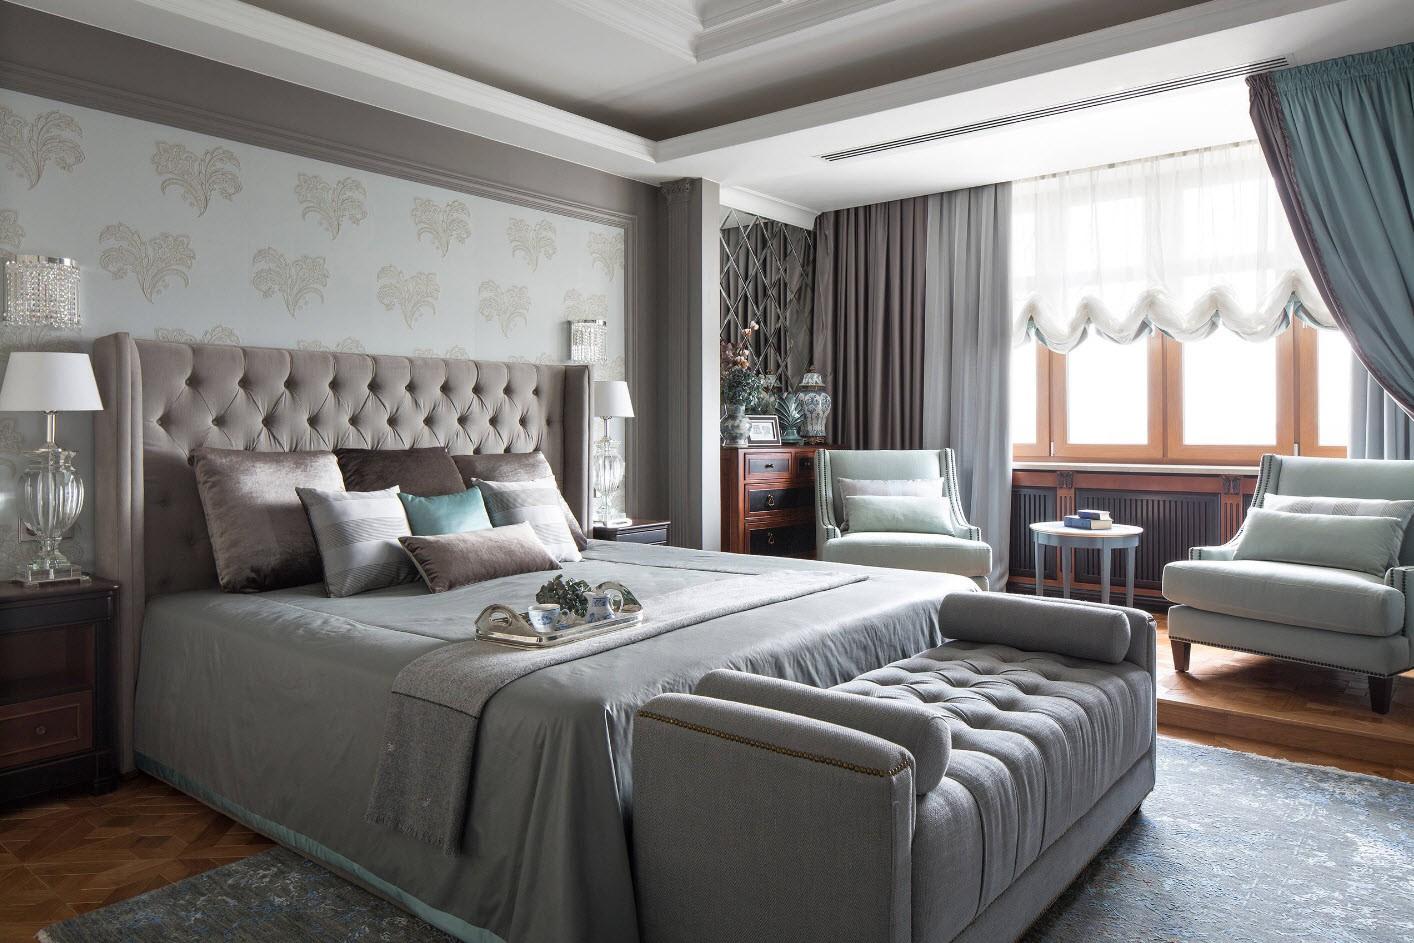 спальня площадью 17 кв м идеи дизайна